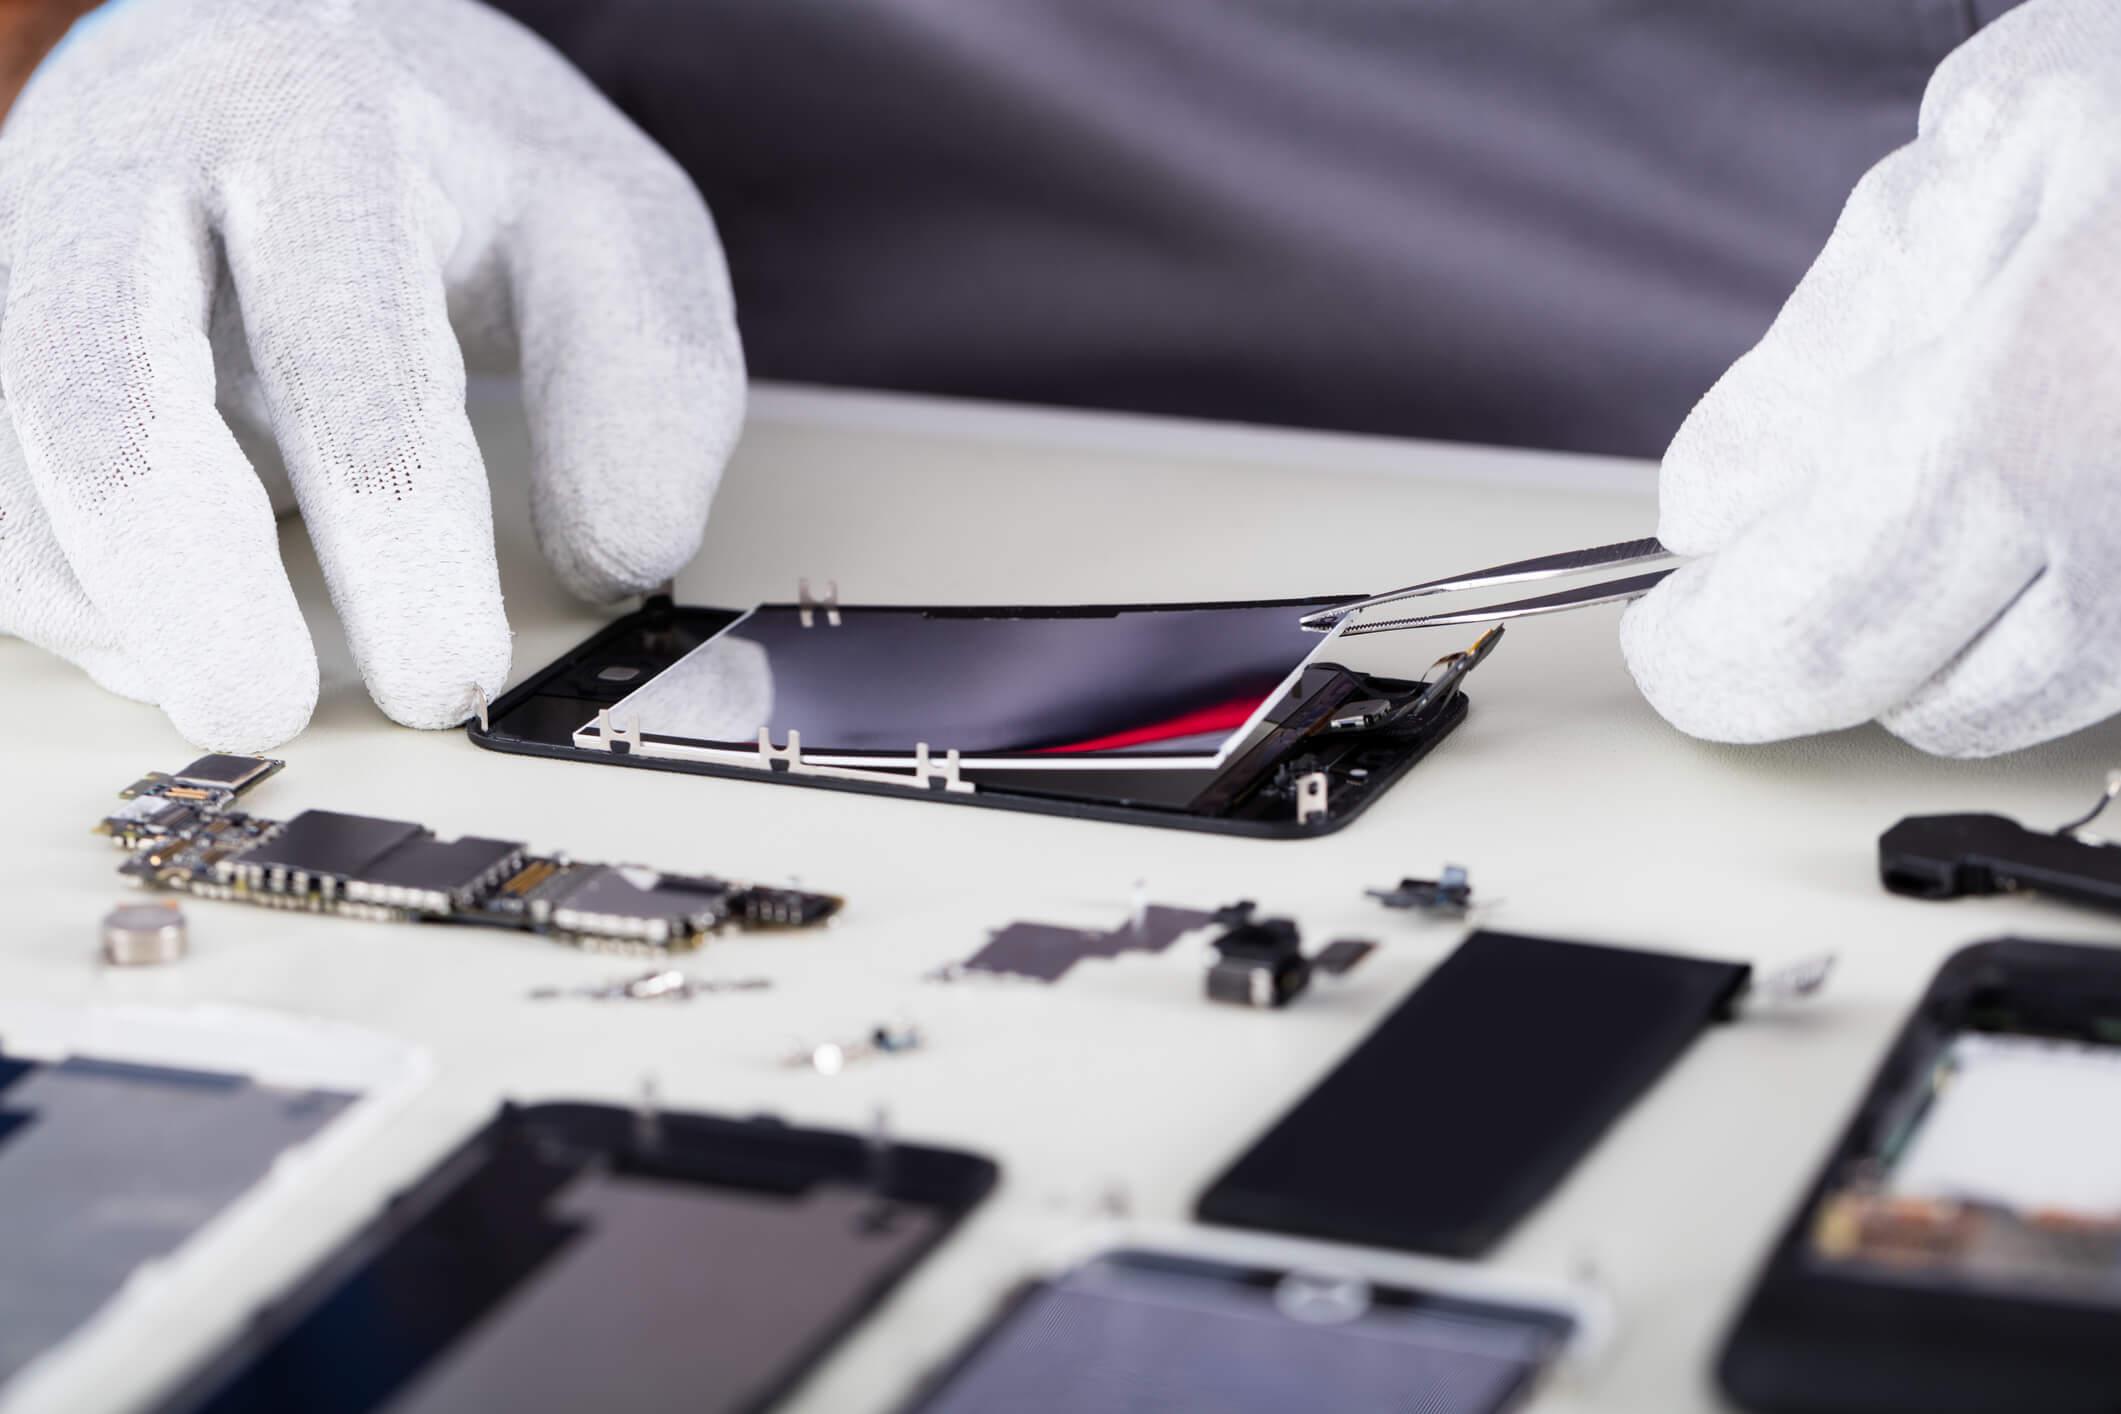 iphone aberto sendo reparado por um tecnico